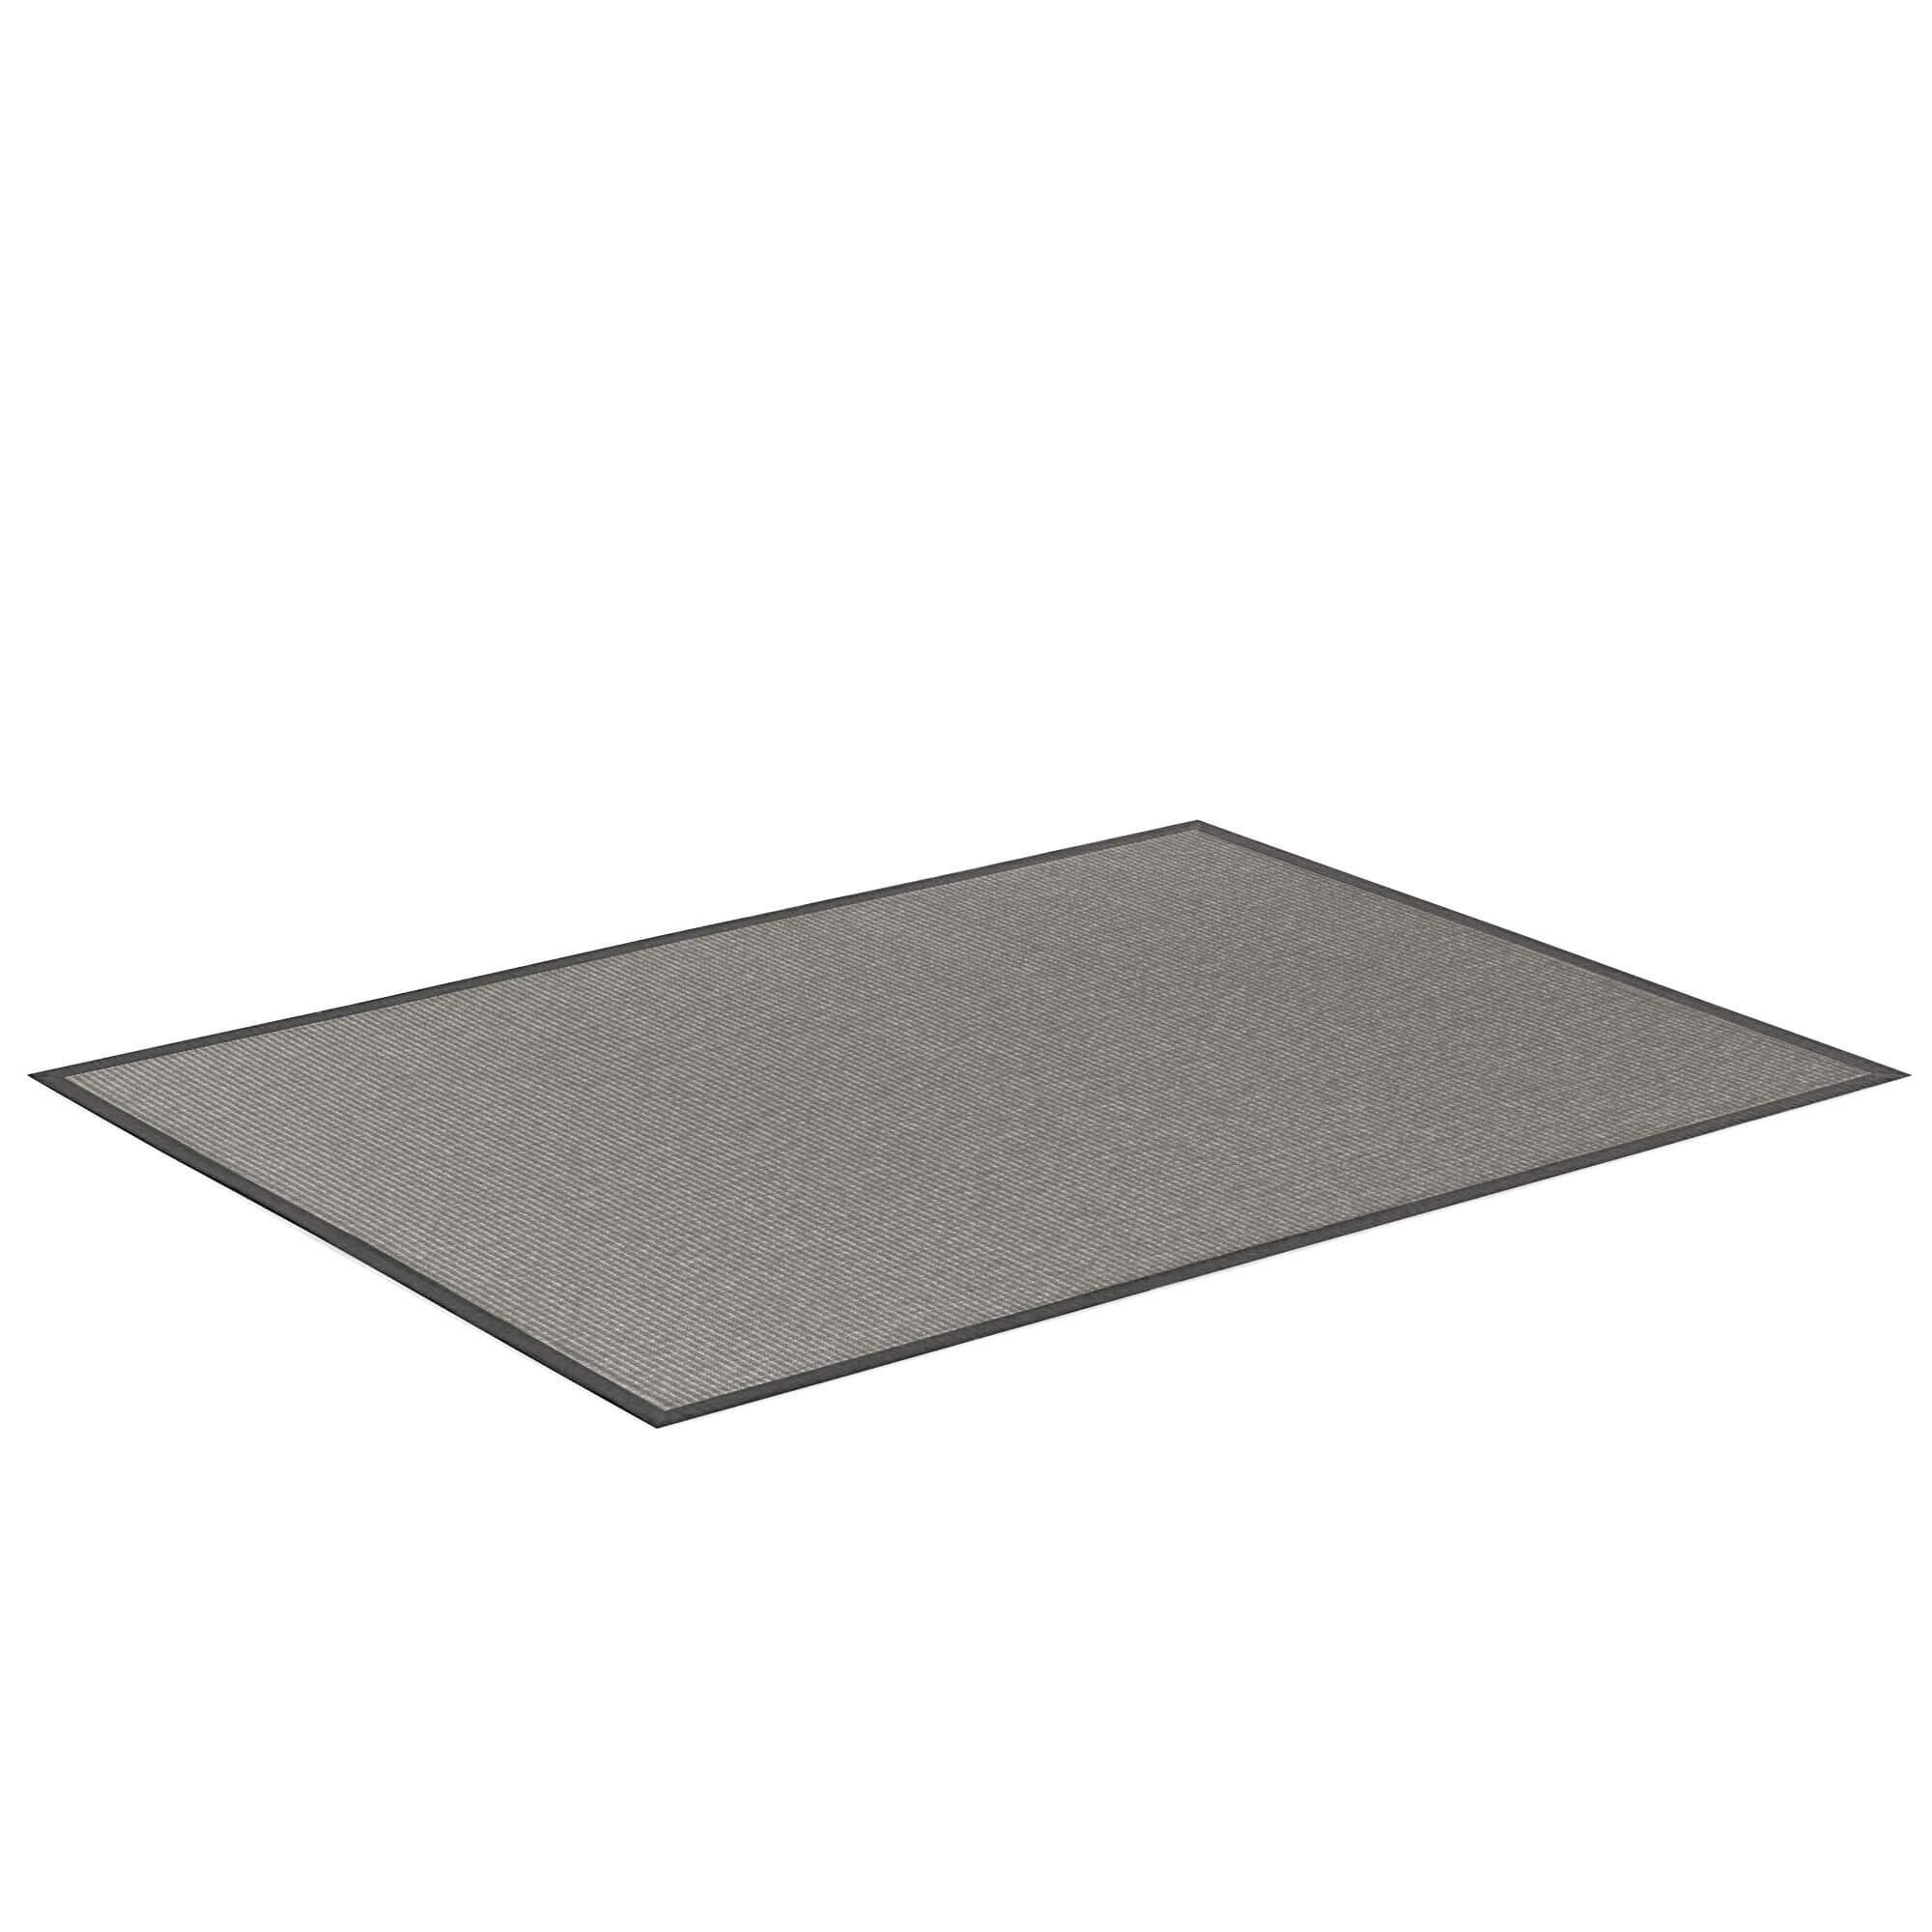 promo tappeto red carpet 300 x 400 di emu